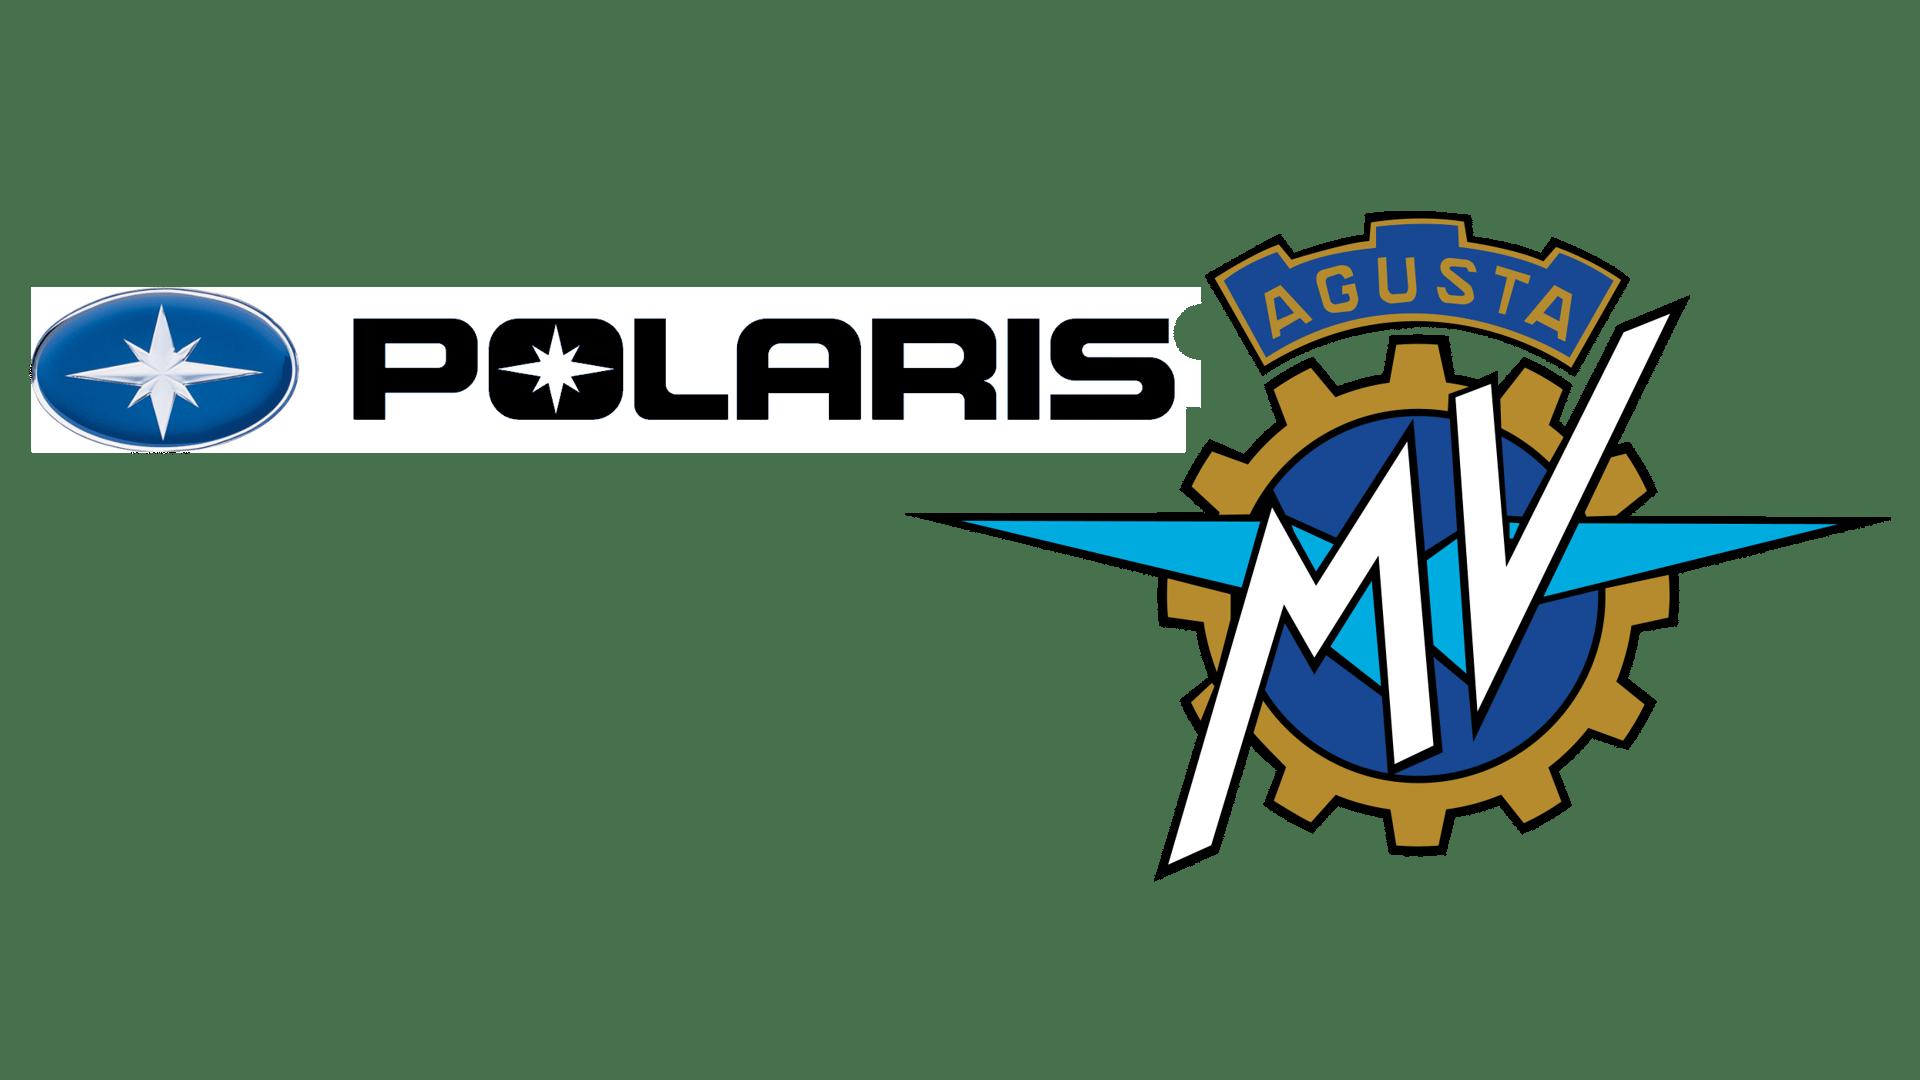 Polaris & MV Agusta logos